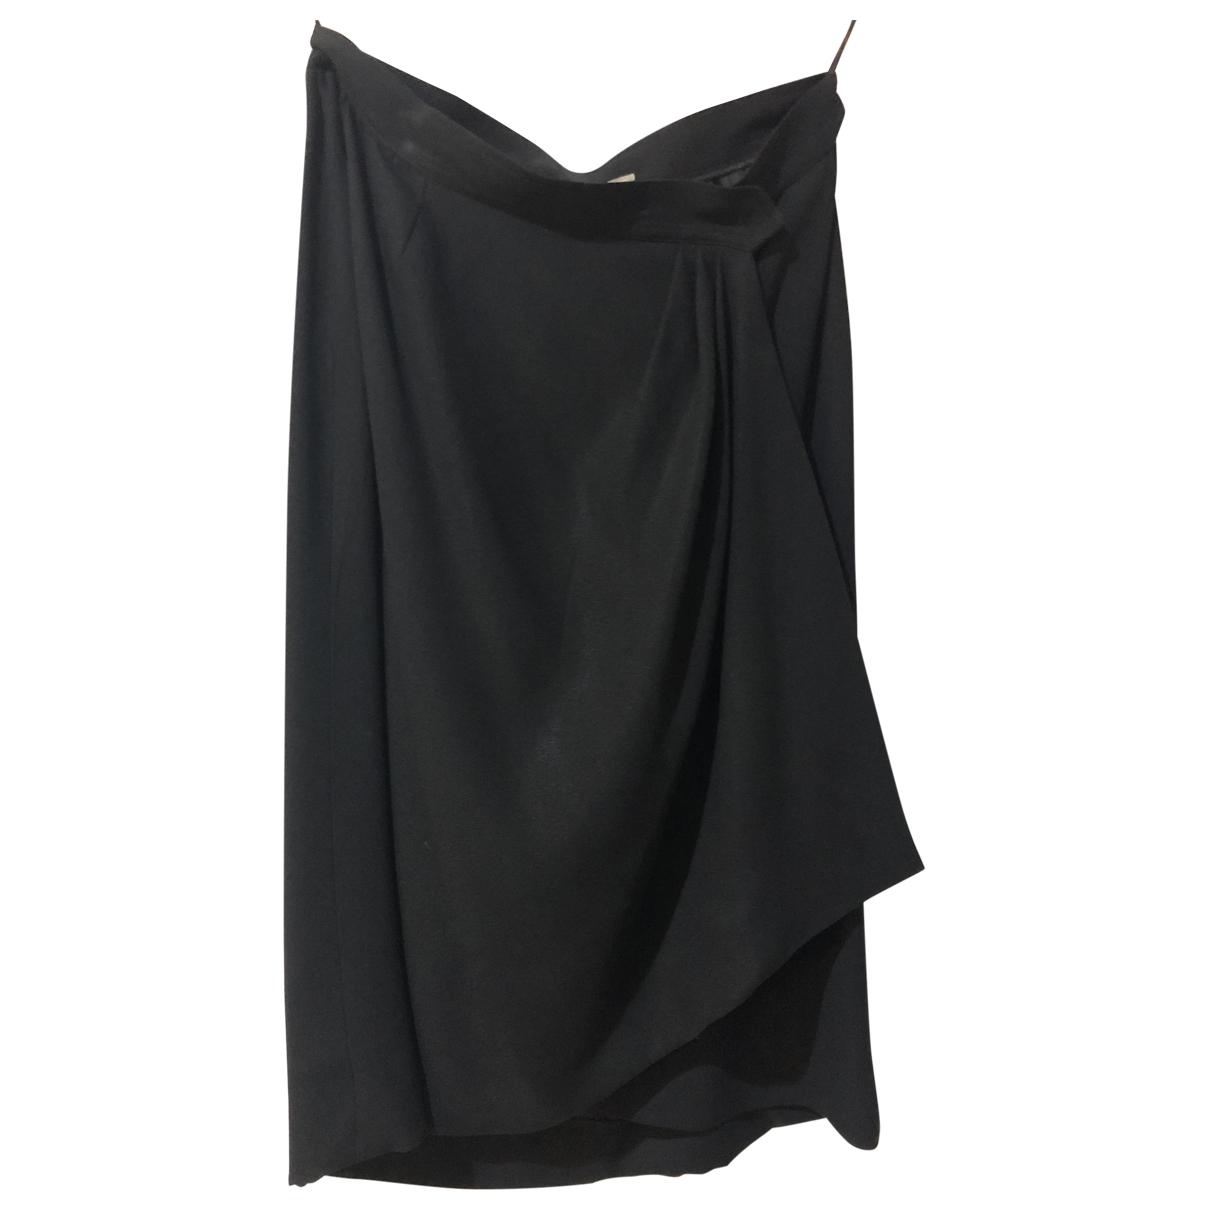 Yves Saint Laurent \N Black Cotton - elasthane skirt for Women 44 FR